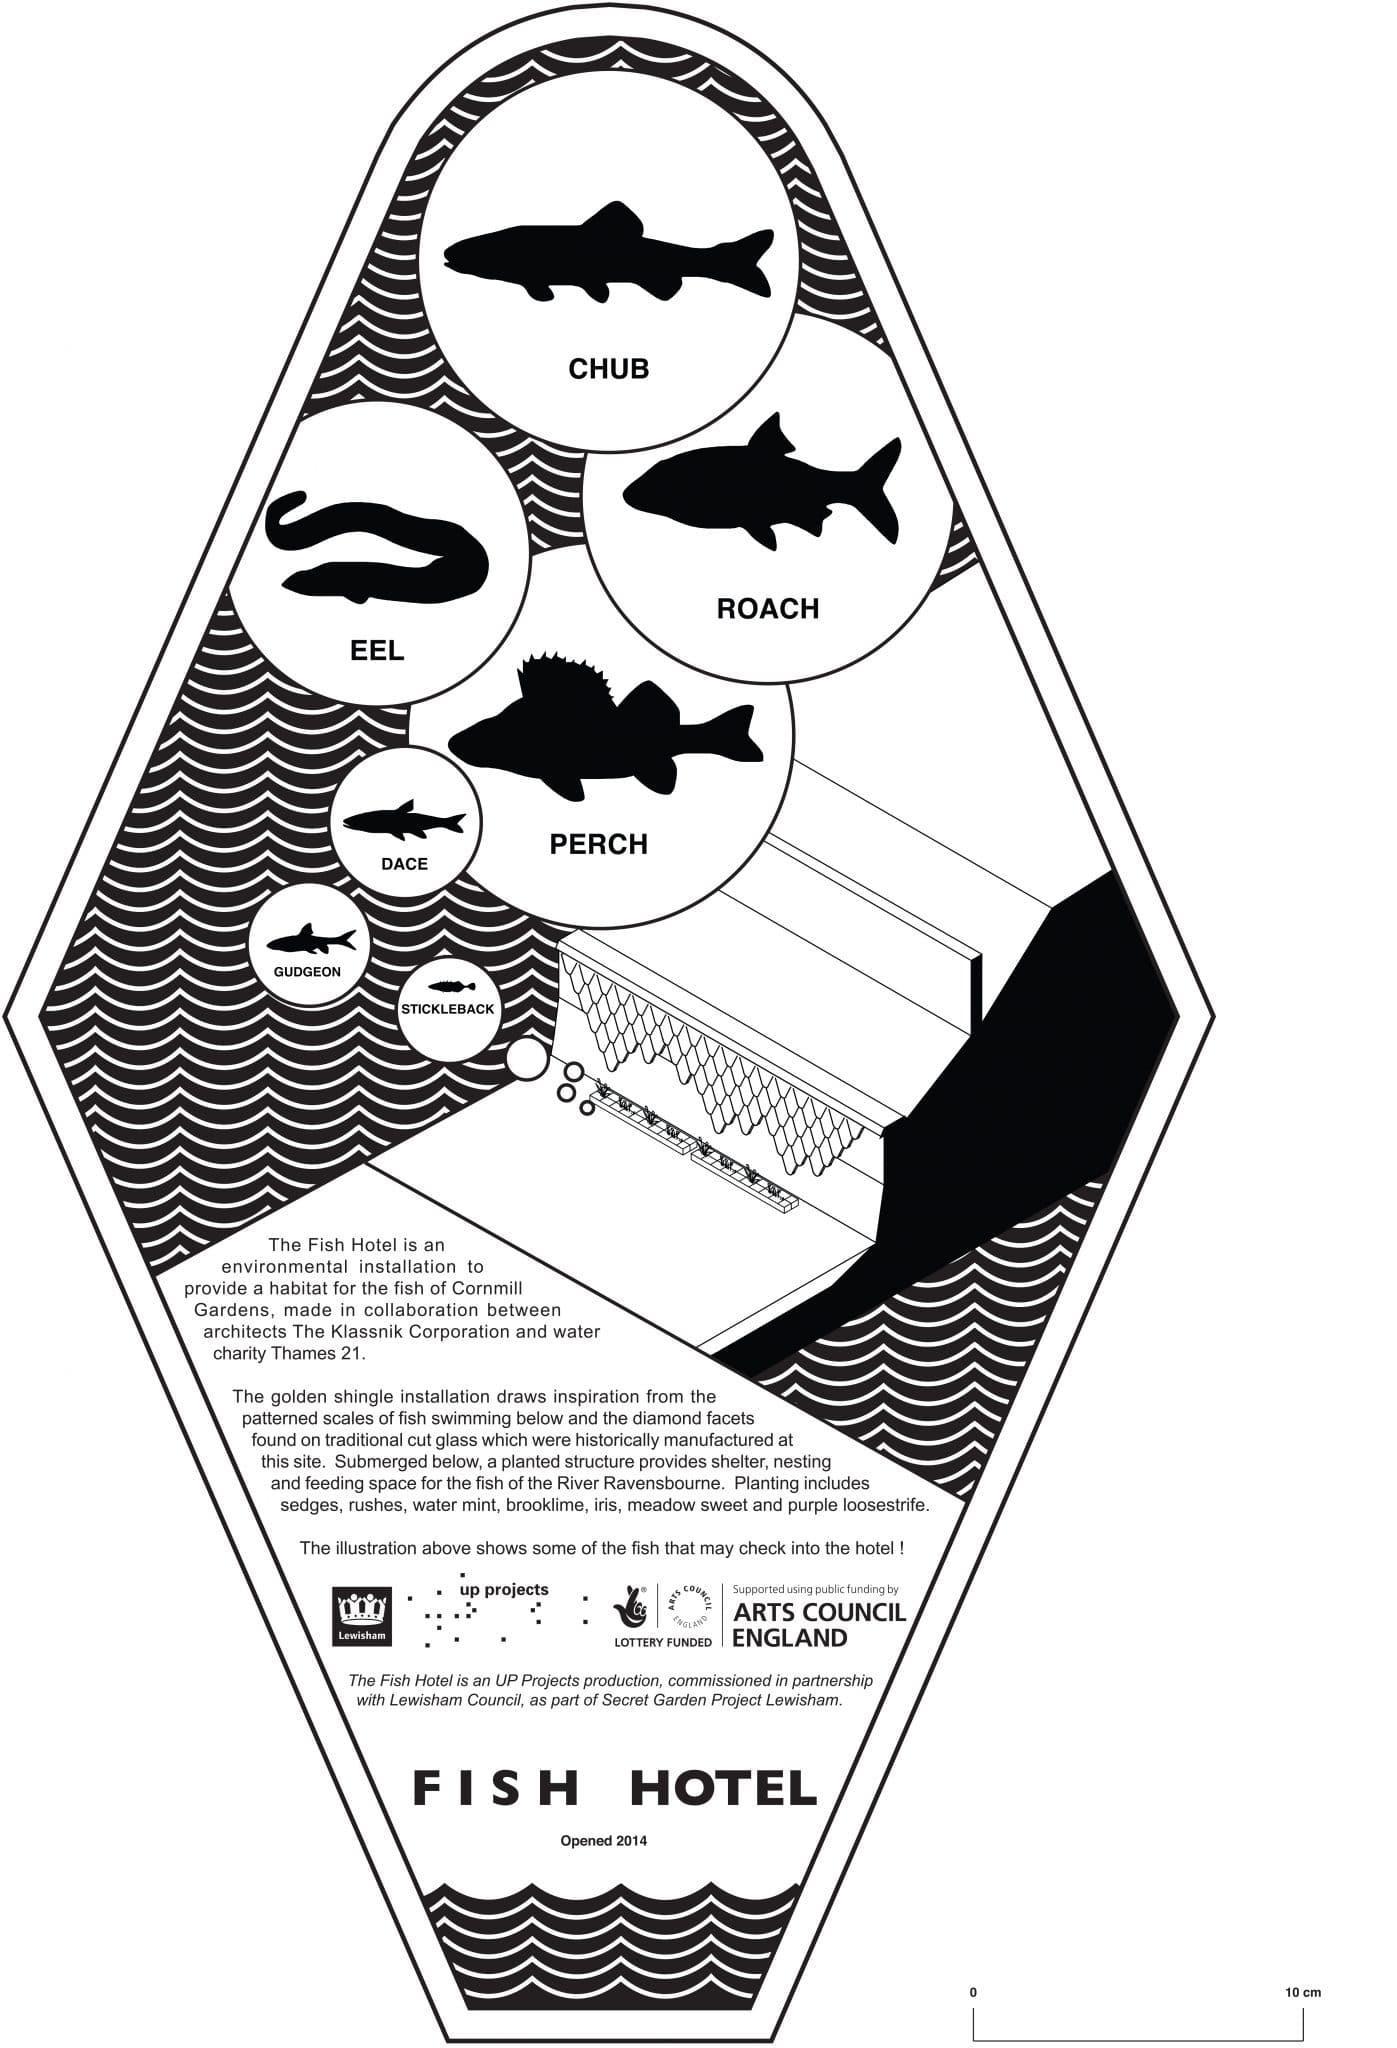 20150210_Plaque design_6_stroke outline_larger logo